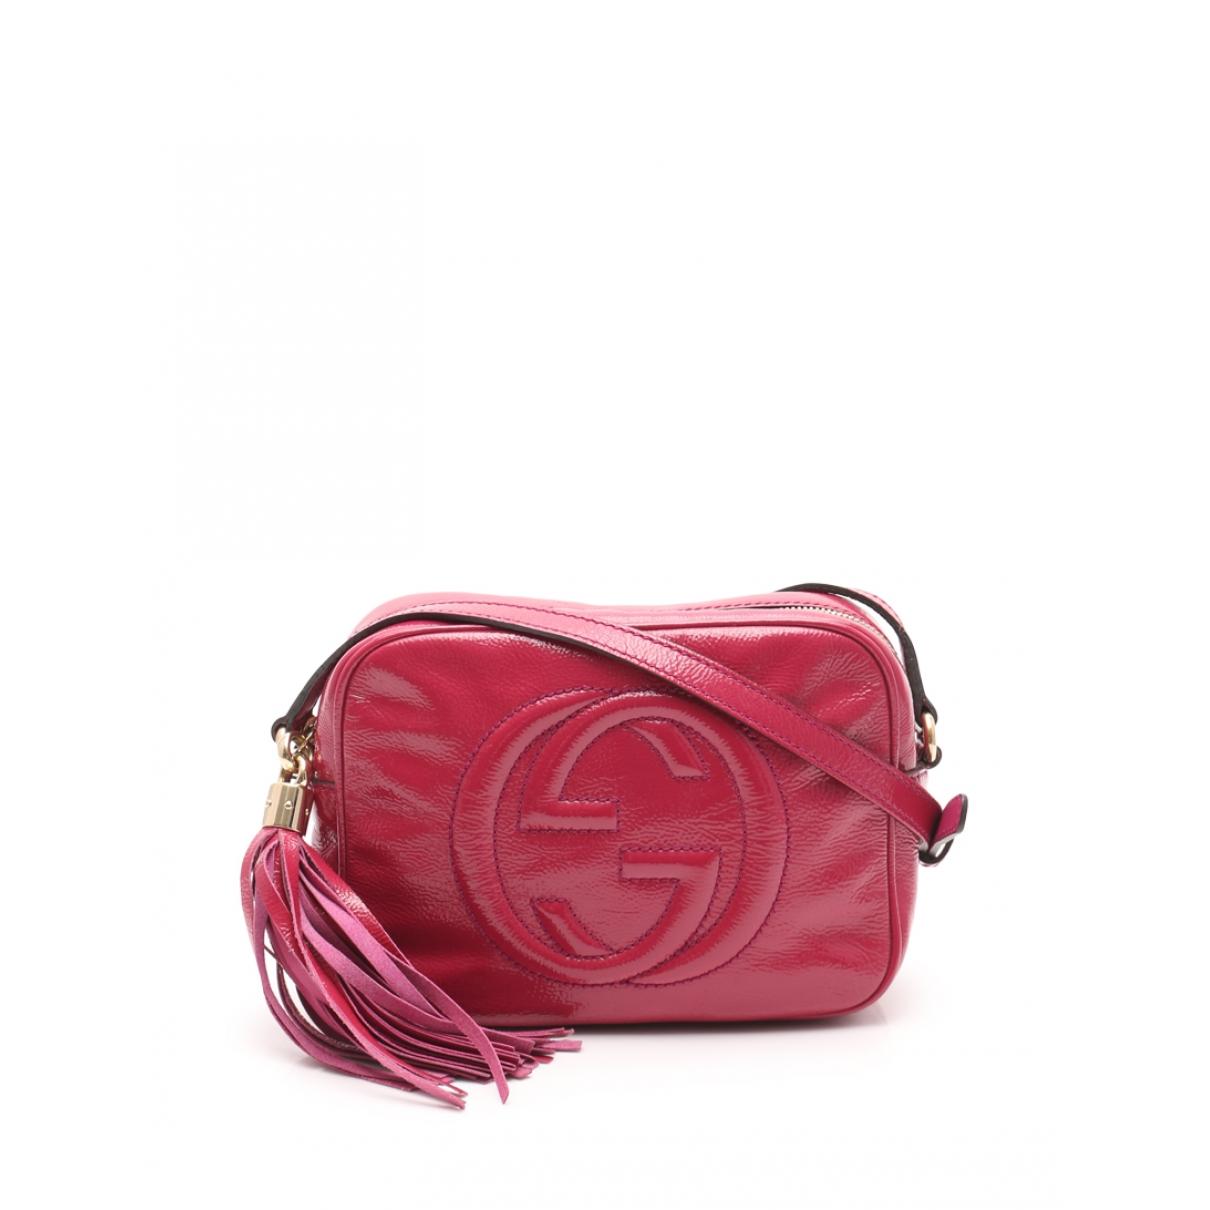 Gucci Soho Handtasche in  Rosa Lackleder